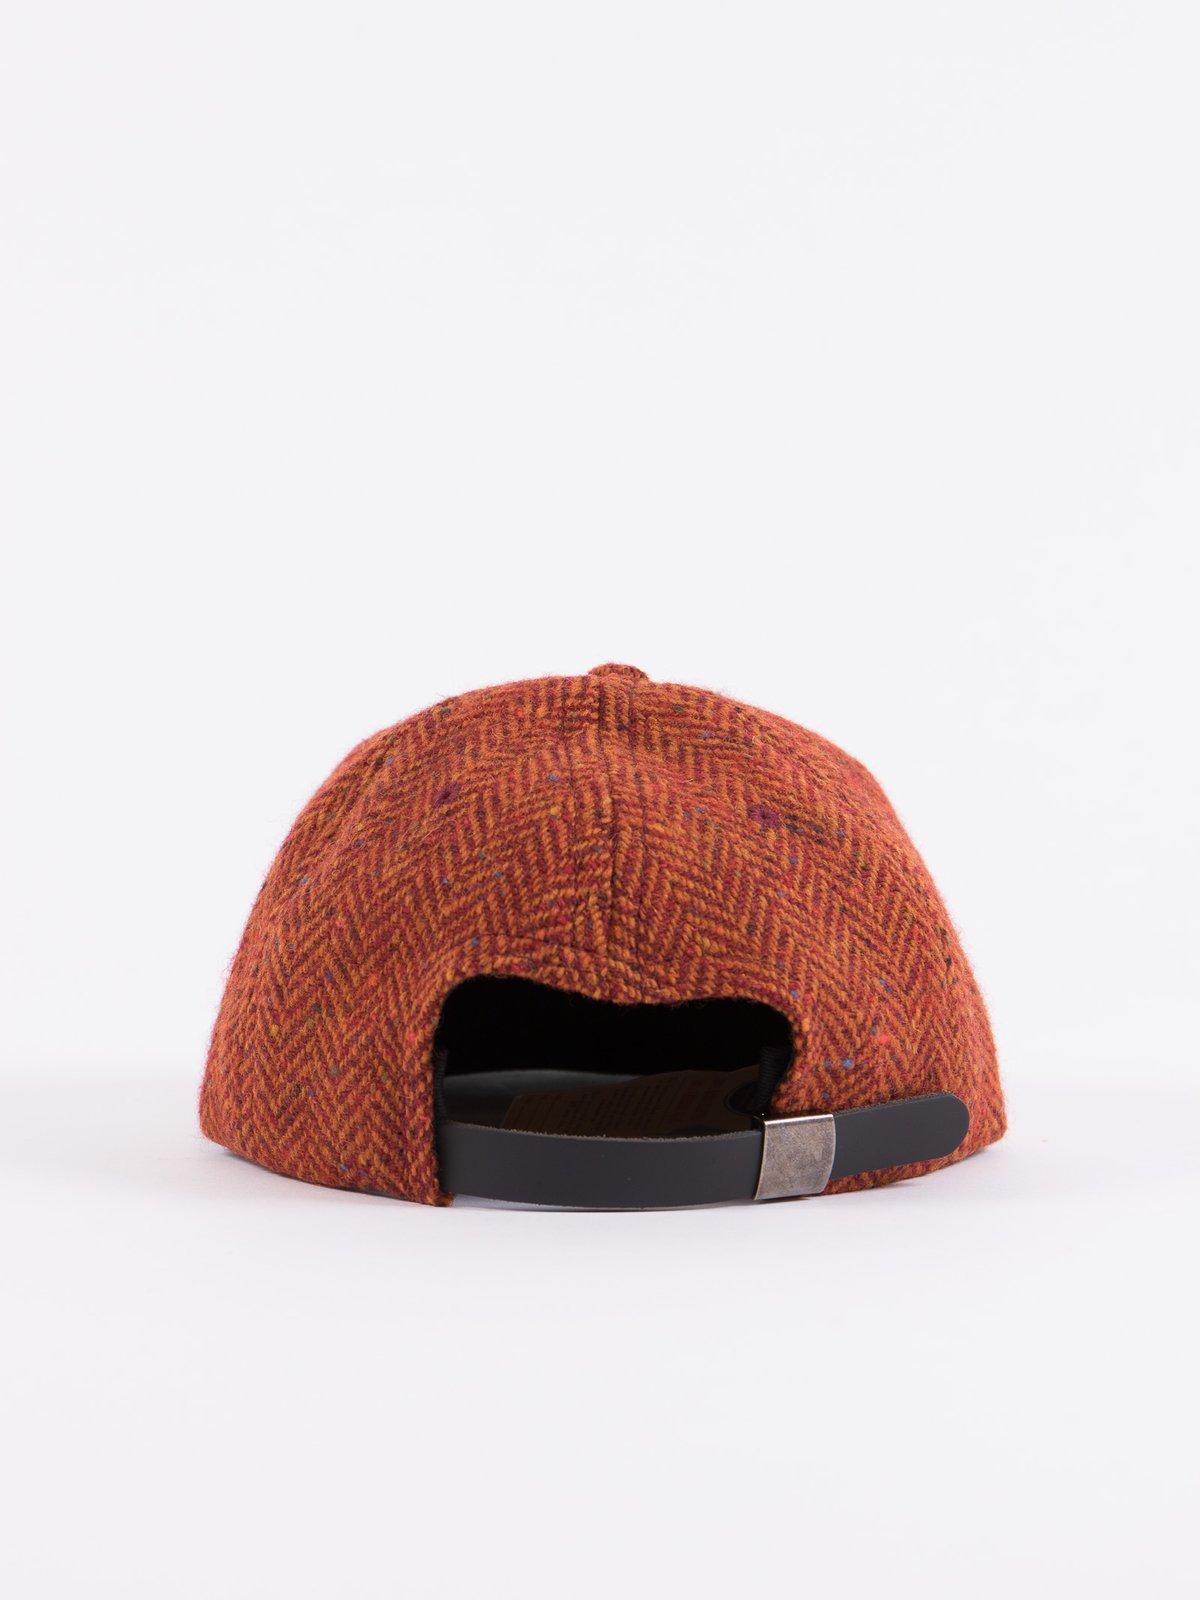 Rust HB Tweed NIer 6 Panel Ballcap - Image 4